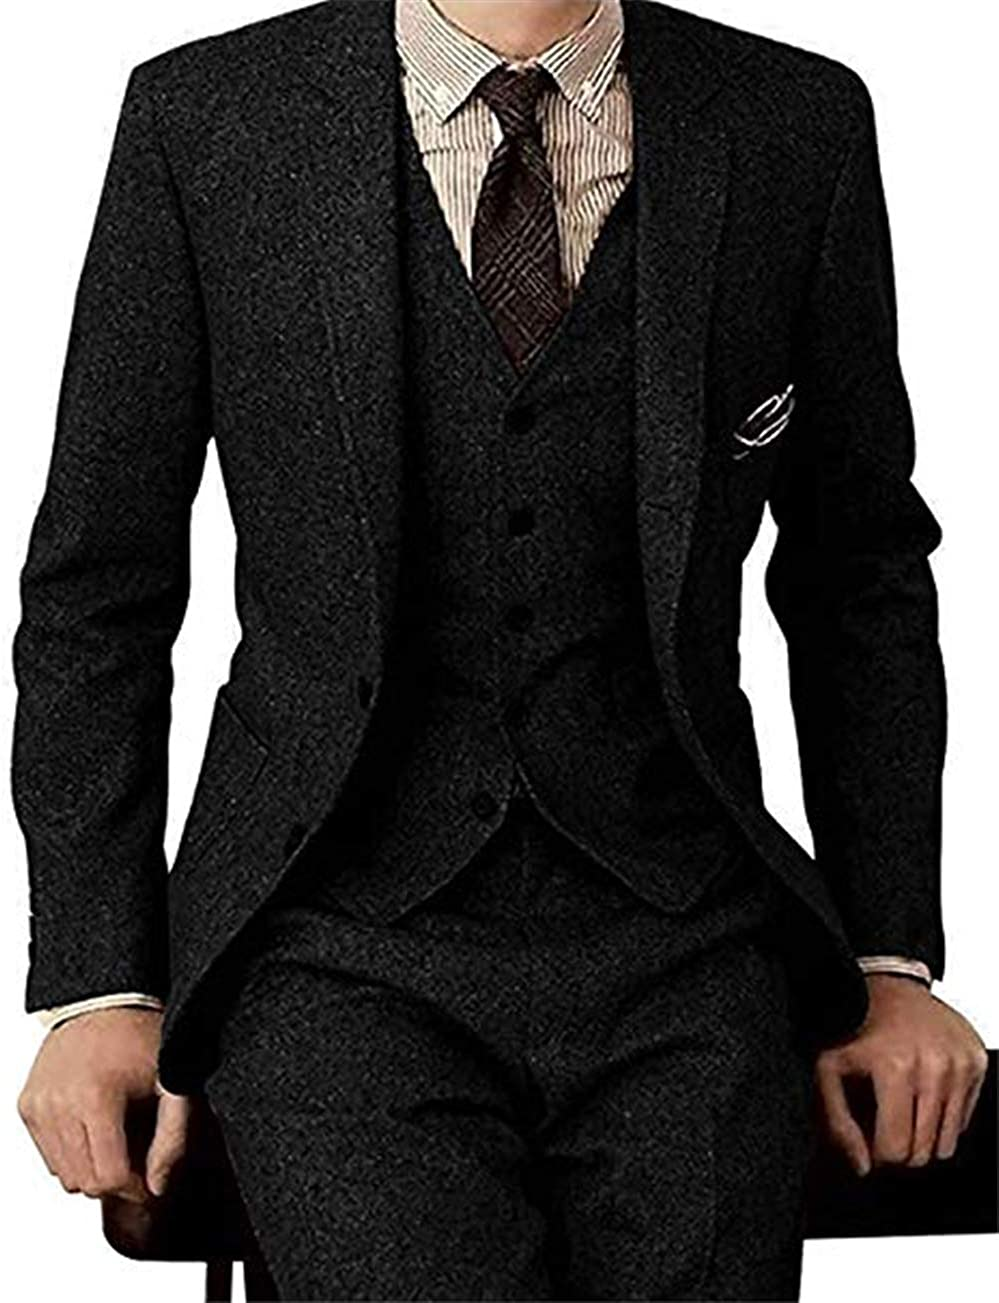 Men's Tweed Herringbone 3 Pieces Suit Slim Fit Groom Tuxedos Formal Vintage Blazer Vest Pants Set